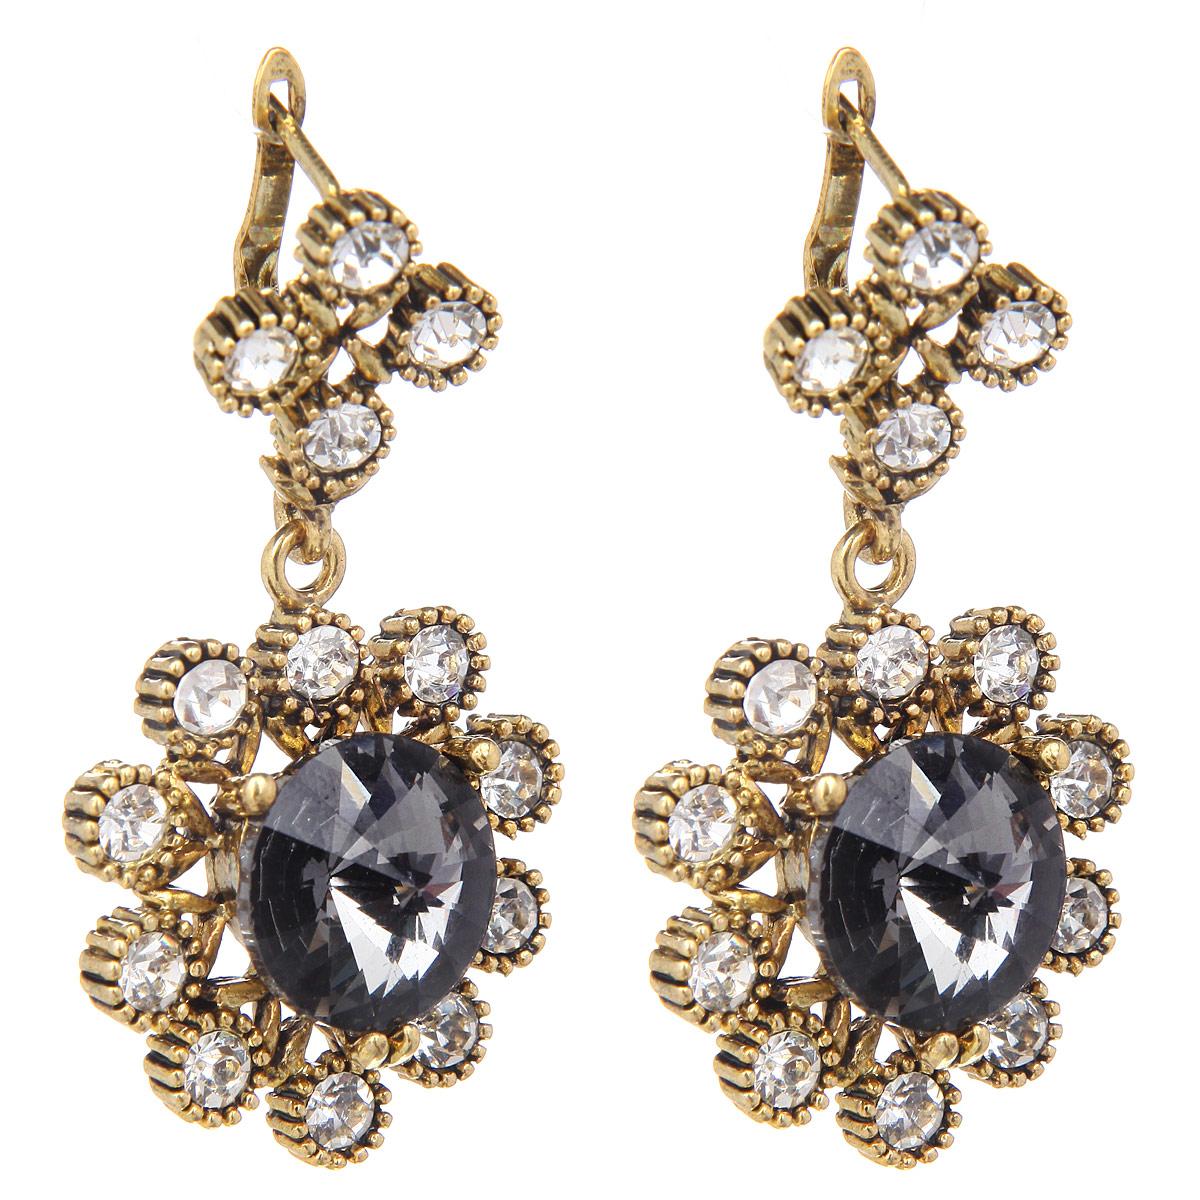 Серьги Taya, цвет: черный, золотистый. T-B-9447-EARR-GL.HEMATITET-B-9447-EARR-GL.HEMATITEСерьги Taya изготовлены из ювелирного сплава на основе латуни. Сплав не содержит свинец и никель. Серьги выполнены из металла золотистого цвета в виде объемного цветка, лепестки которого декорированы крупными стразами. Серьги застегиваются на английский замок. Оригинальные серьги модного дизайна создают яркий и запоминающийся образ.